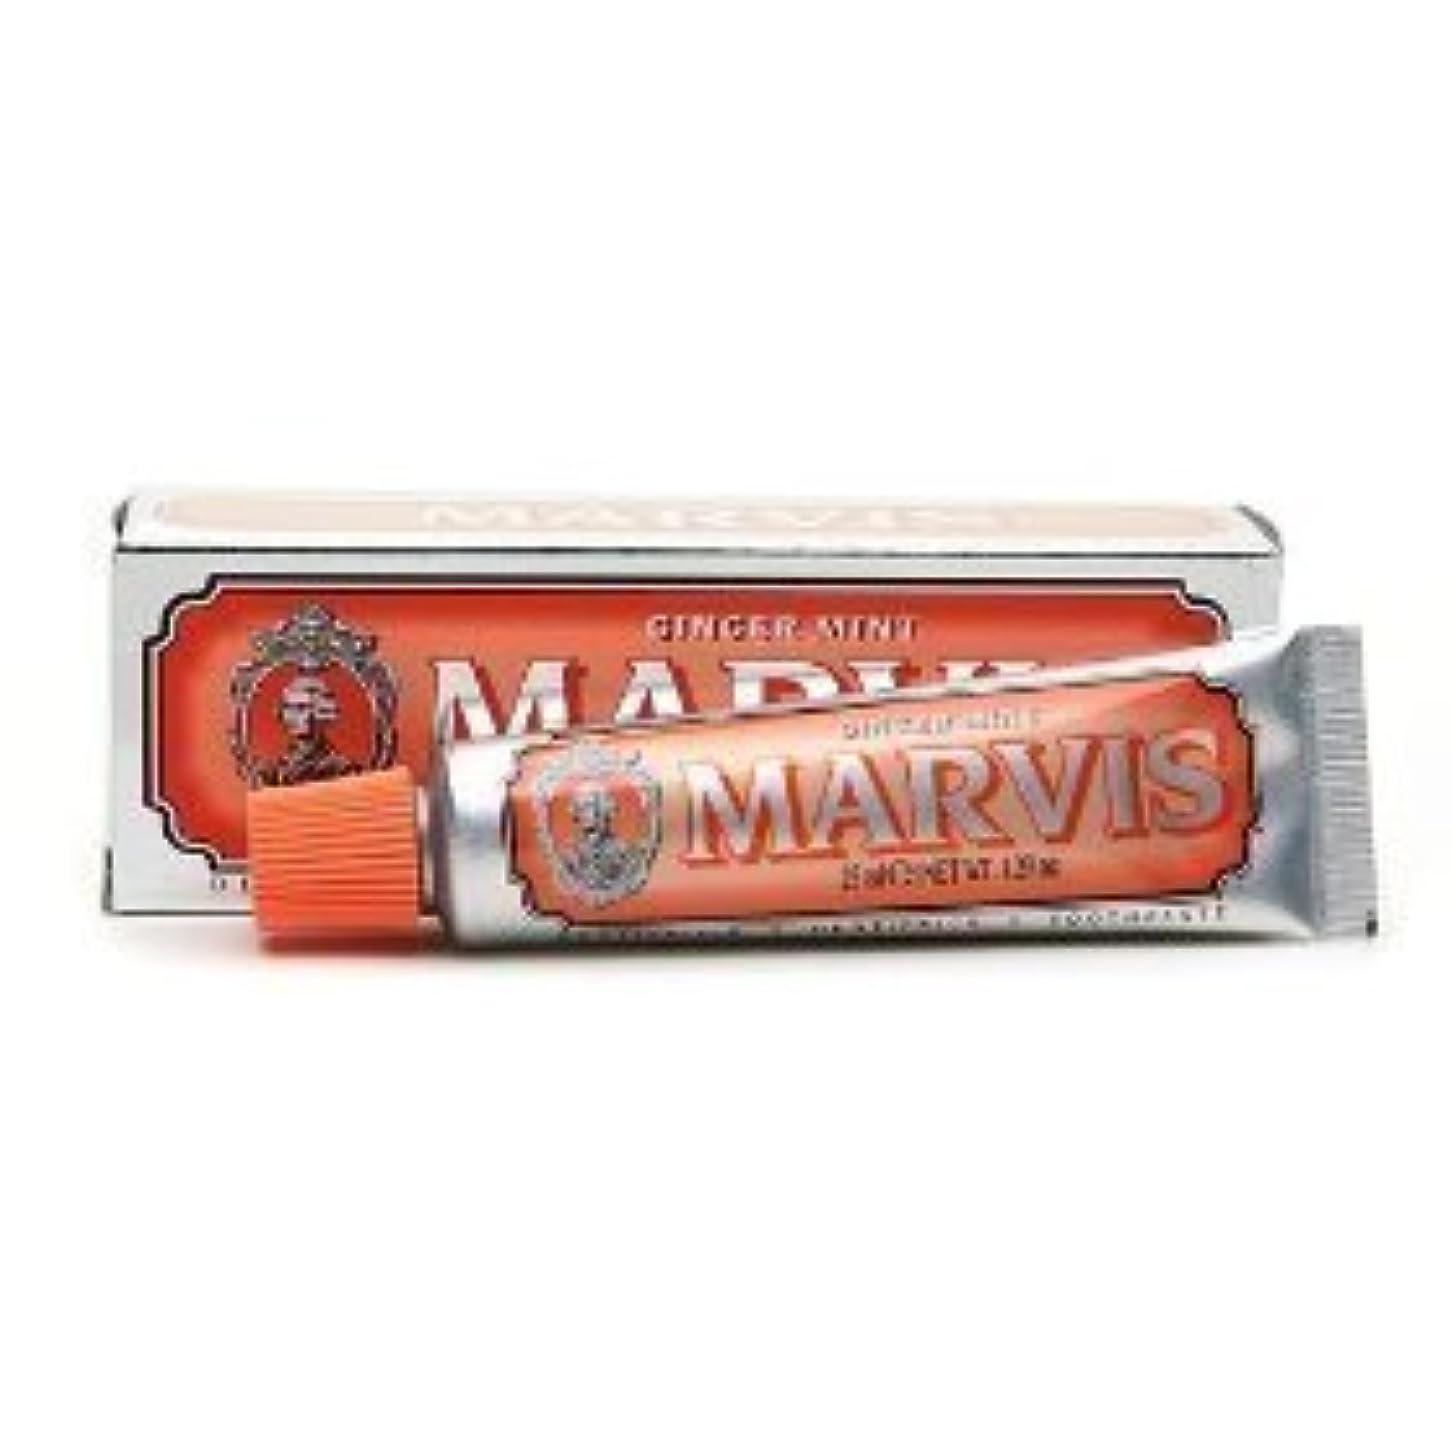 入植者舗装する説明的Marvis Toothpaste Ginger Mint Travel Size by Marvis [並行輸入品]